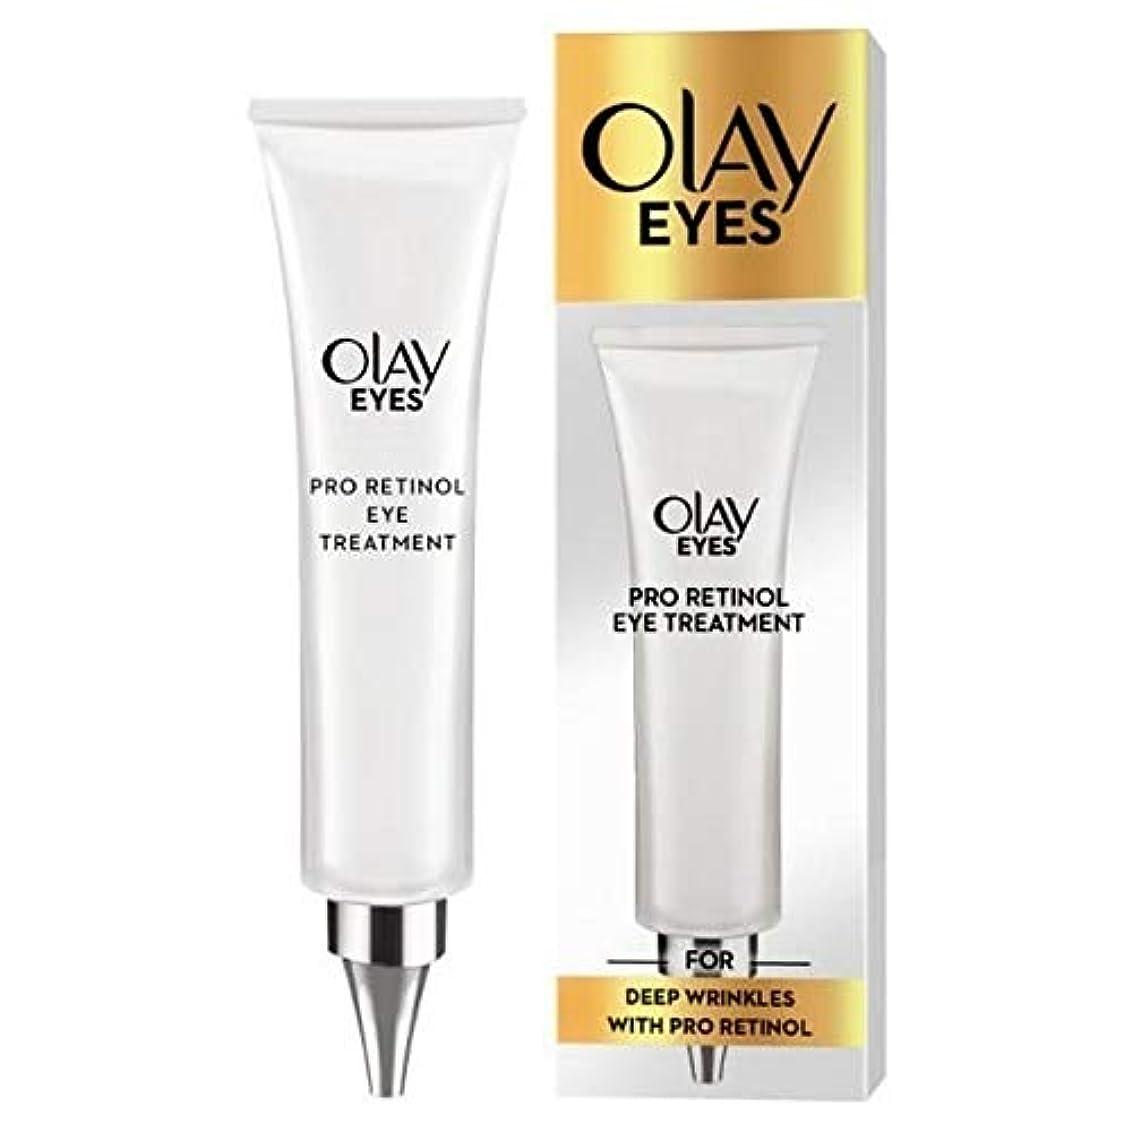 爆風イル根拠[Olay ] オーレイ目プロレチノールアイトリートメント - Olay Eyes Pro-Retinol Eye Treatment [並行輸入品]